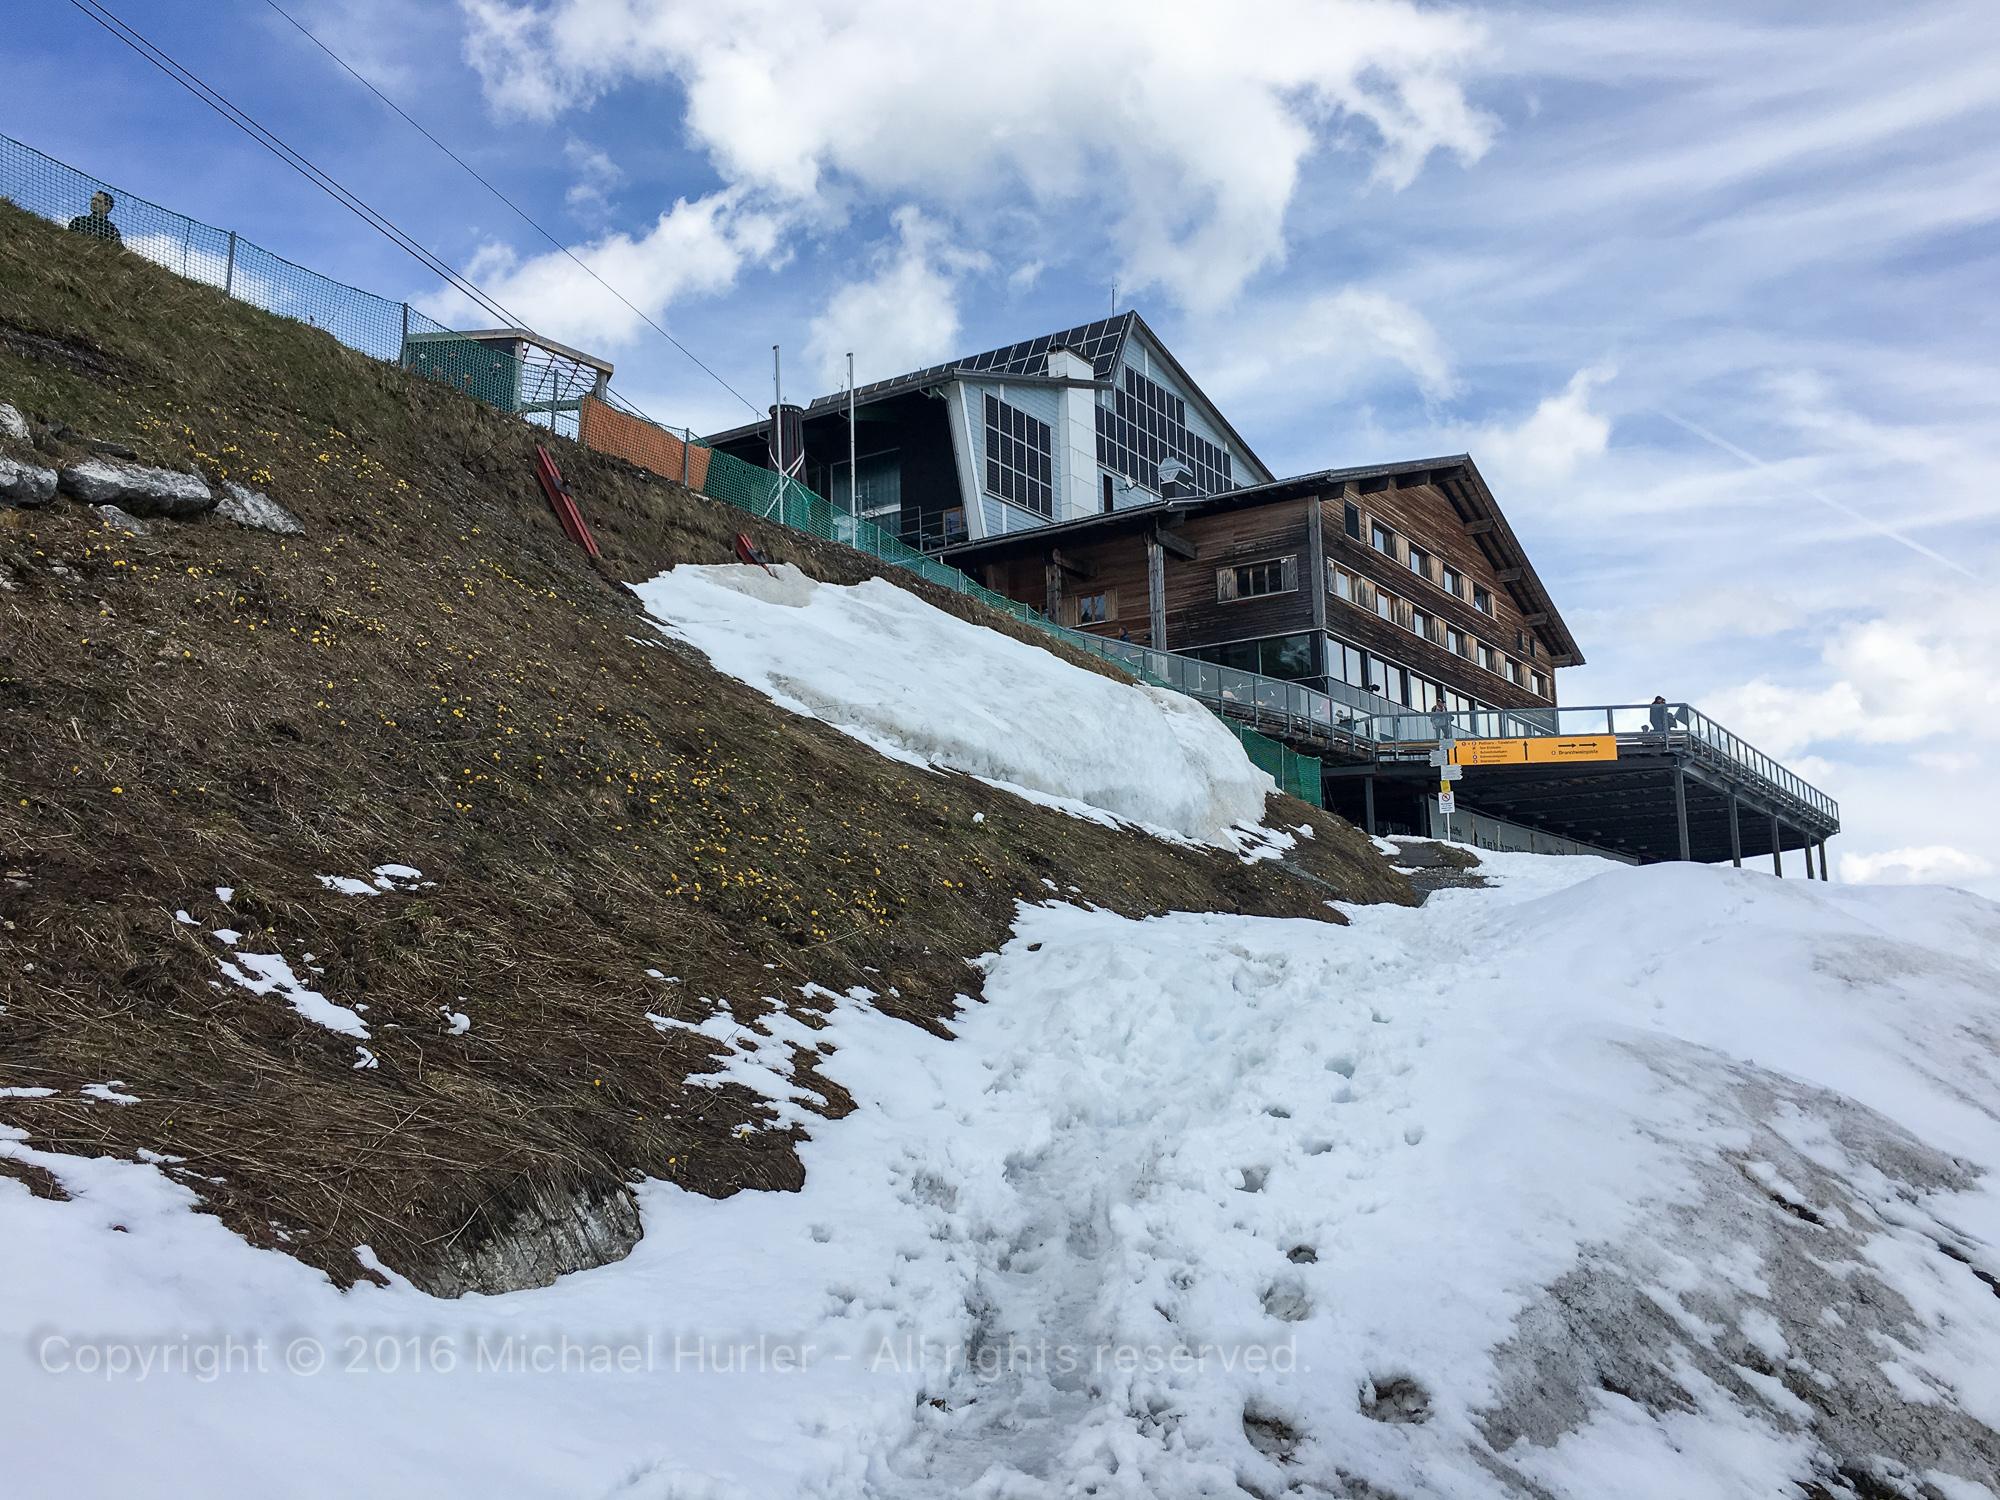 18.05.2016, Oberstdorf Tour zum Kanzelwandhaus